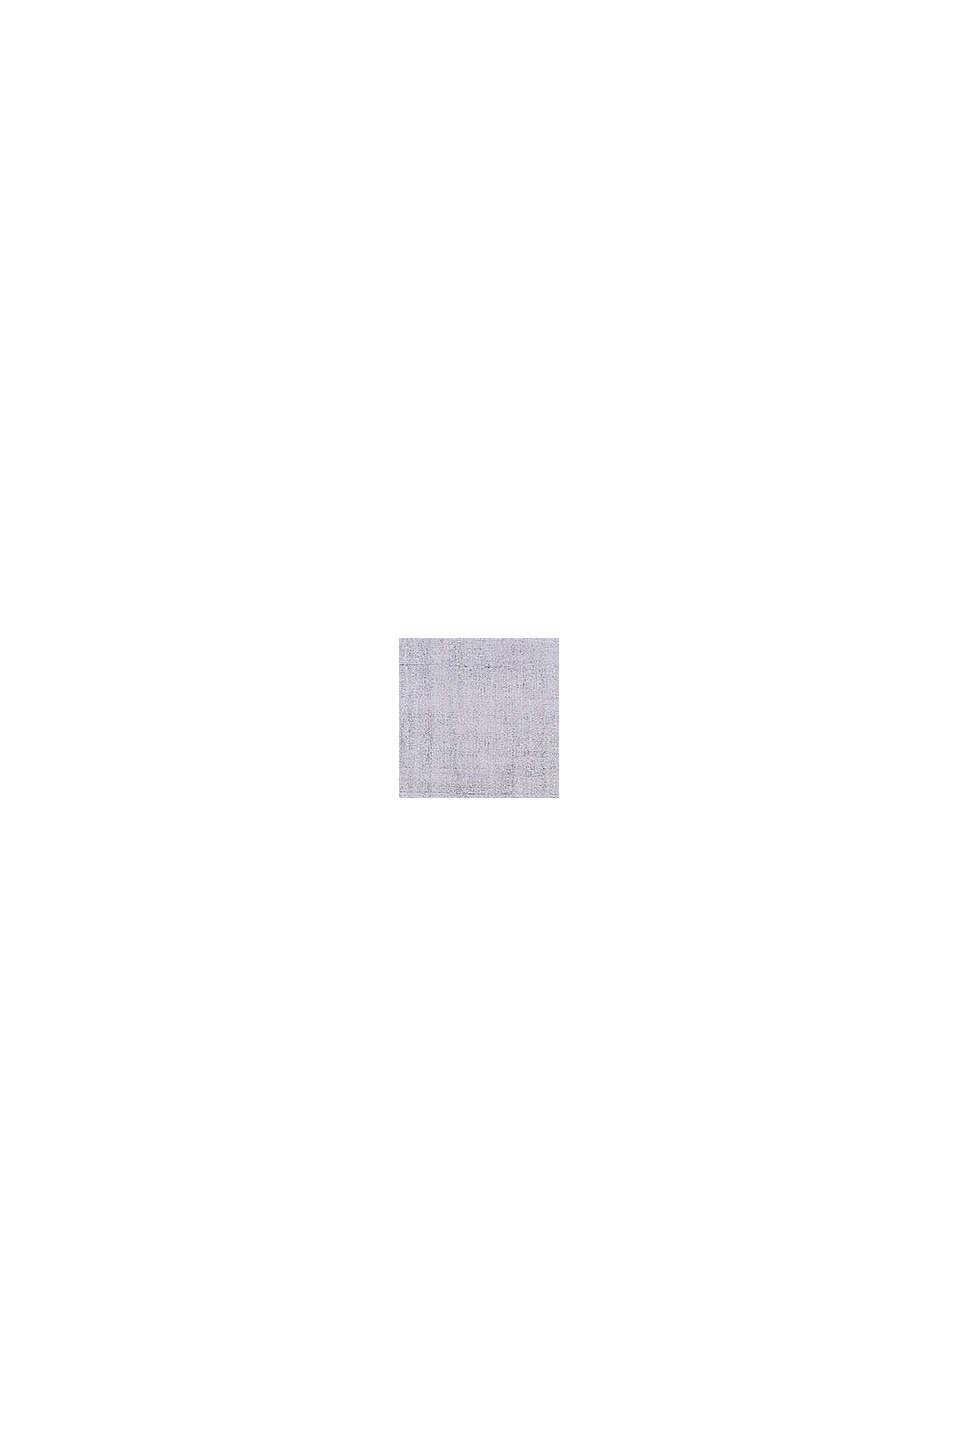 Kurzflor-Teppich mit upgecycelter Baumwolle, MEDIUM GREY, swatch